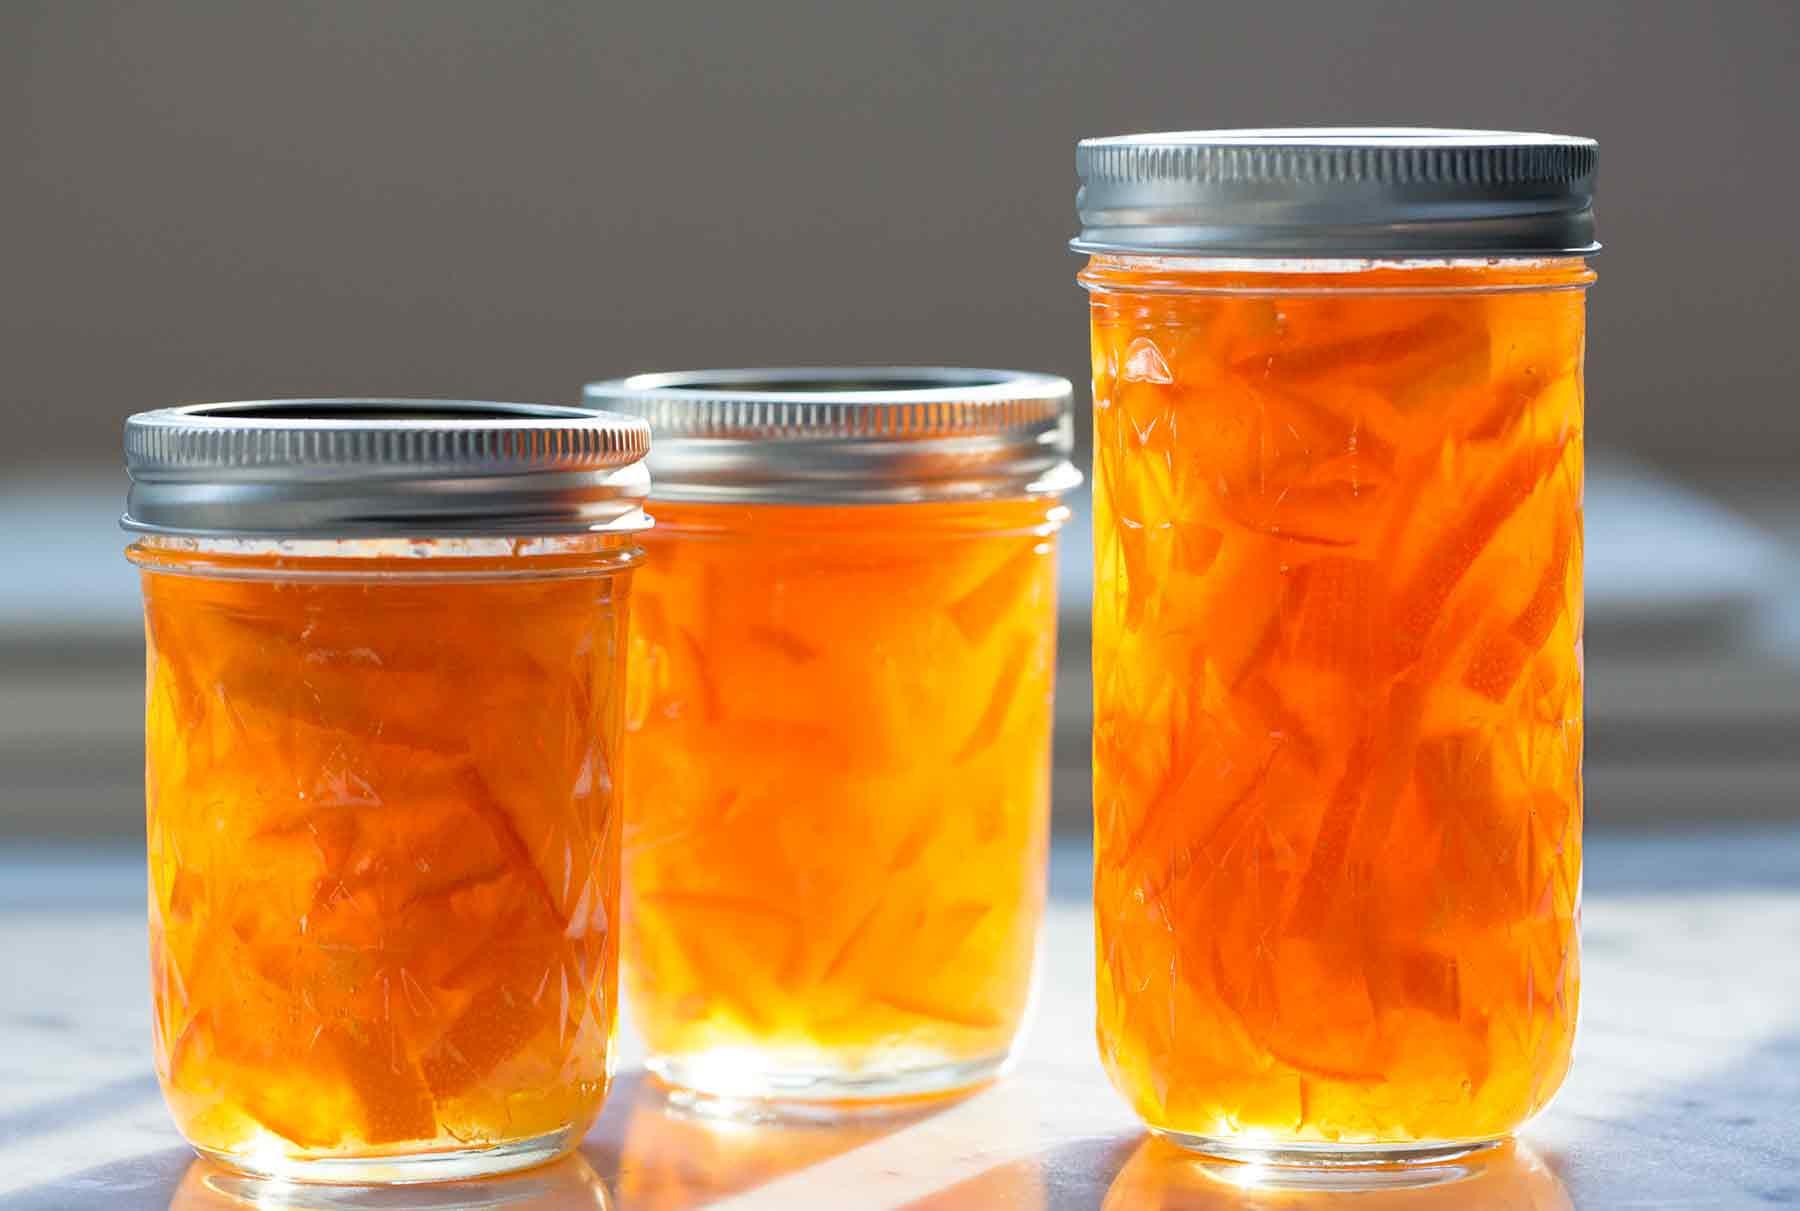 marmellata-di-arance-senza-zucchero